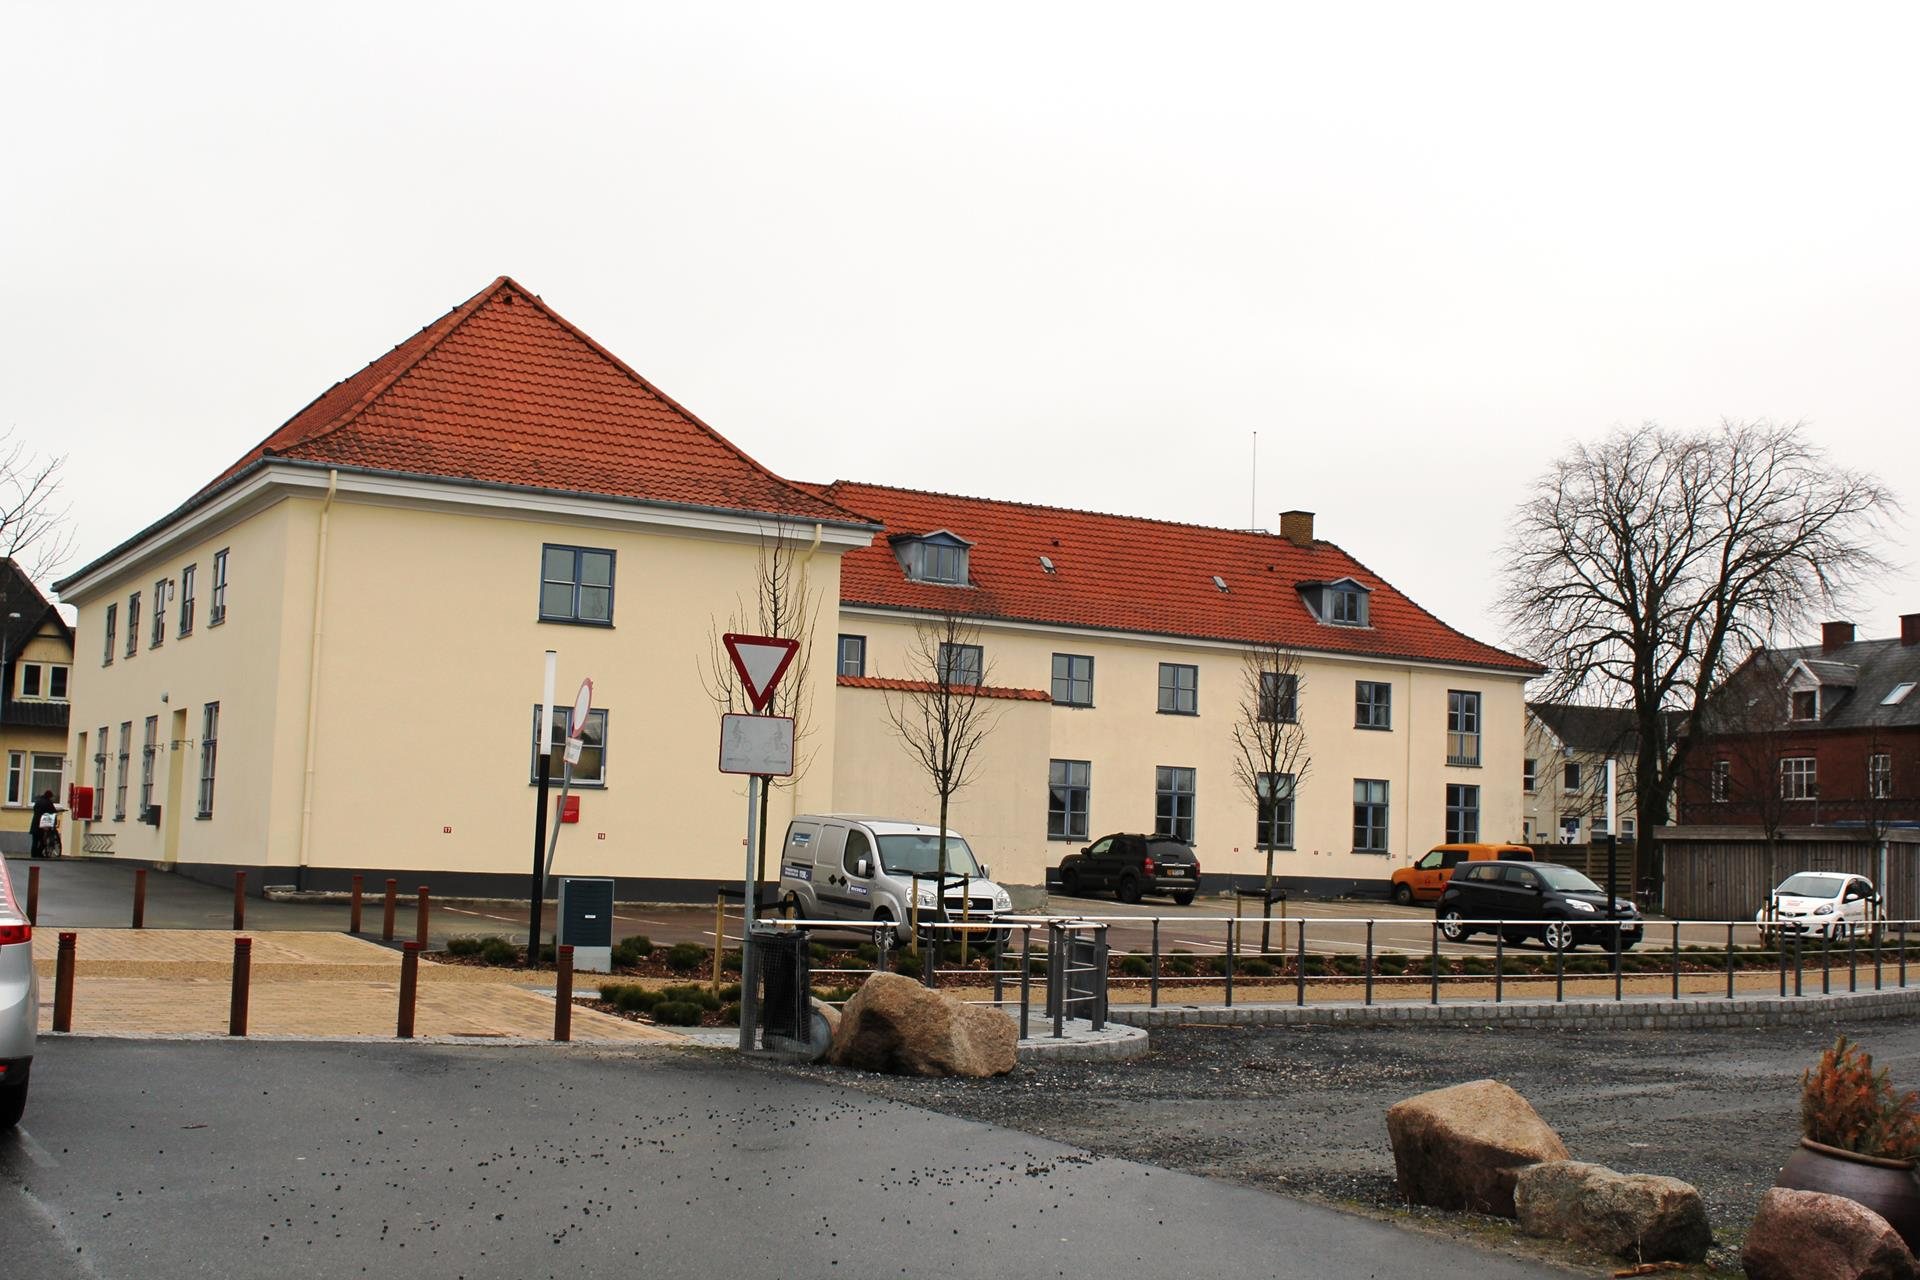 Bolig/erhverv på Jernbanegade i Brædstrup - Andet